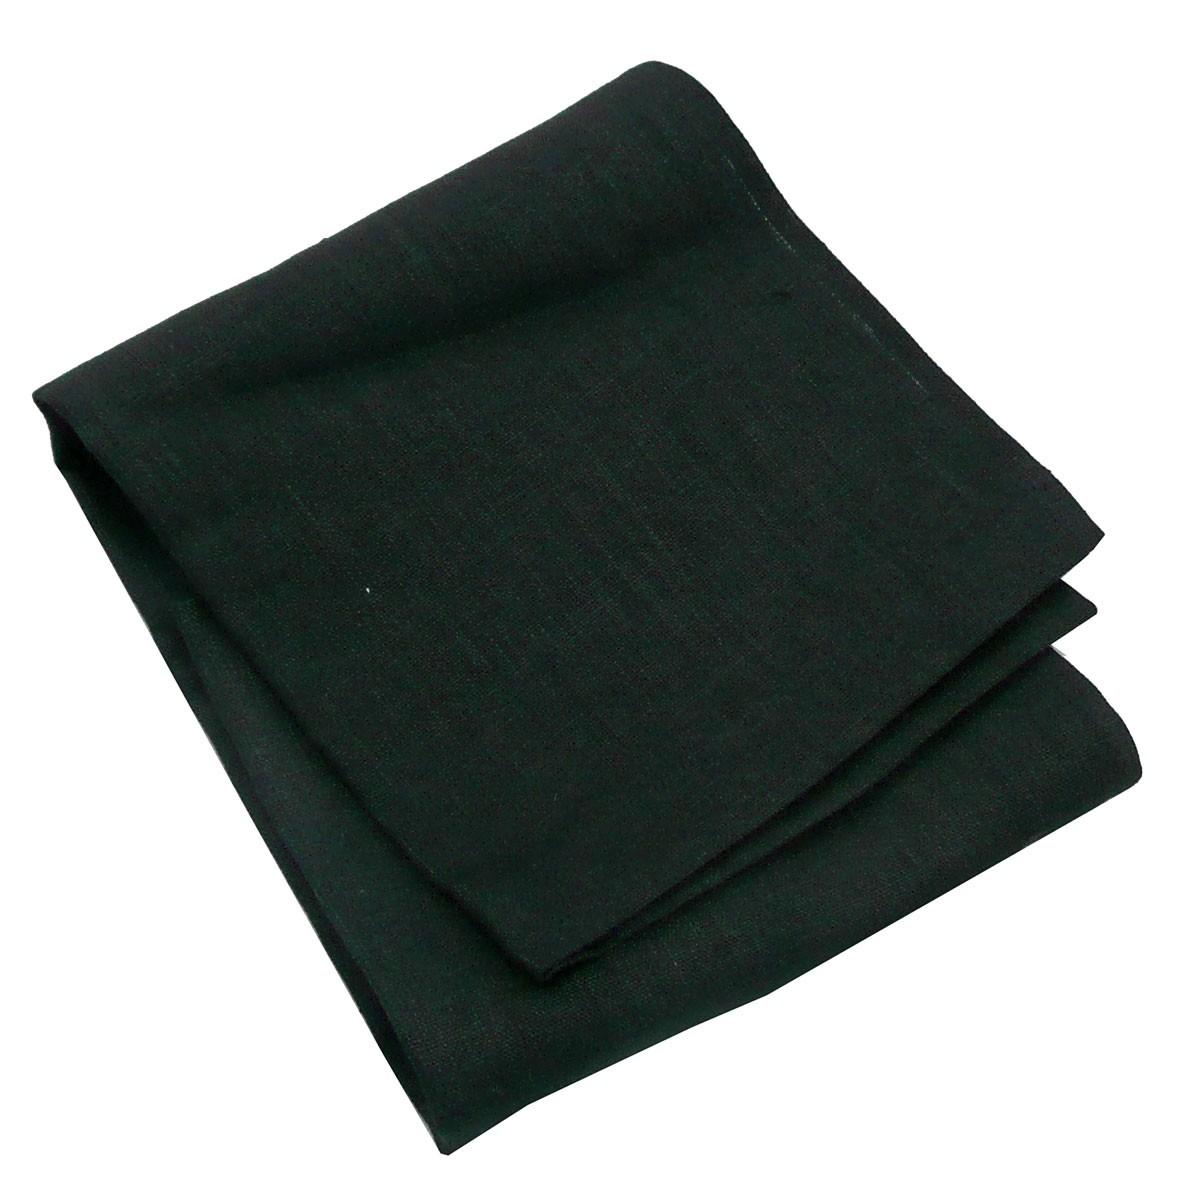 leinentischl ufer tischl ufer erik 1 lagig 47x150cm schwarz wohntextilien tischw sche tischl ufer. Black Bedroom Furniture Sets. Home Design Ideas